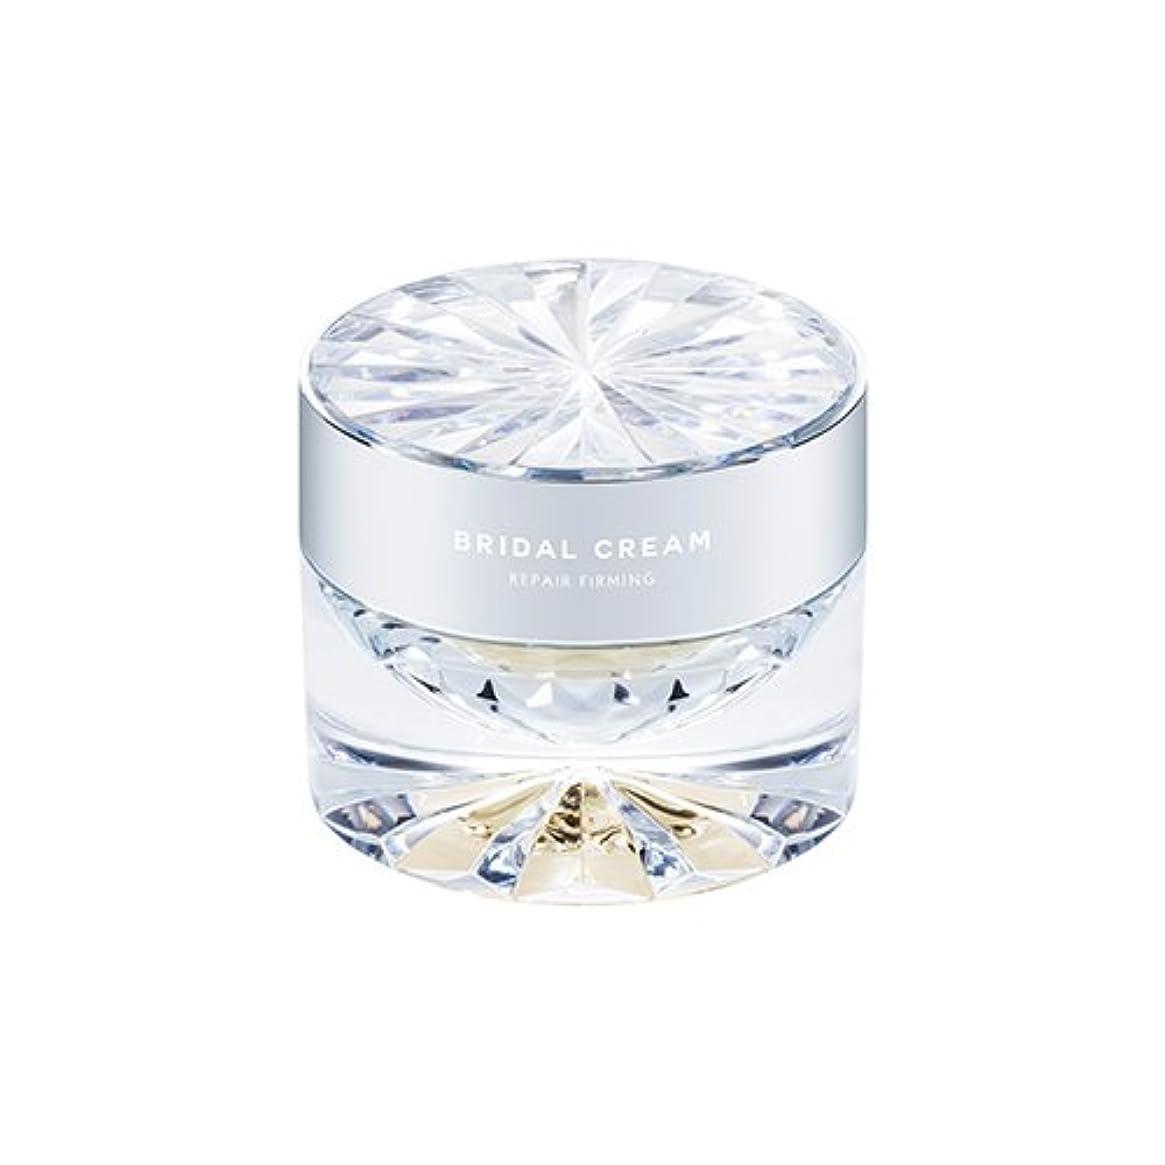 キラウエア山言い換えると含意MISSHA Time Revolution Bridal Cream 50ml/ミシャ タイム レボリューション ブライダル クリーム 50ml (#Repair Firming) [並行輸入品]